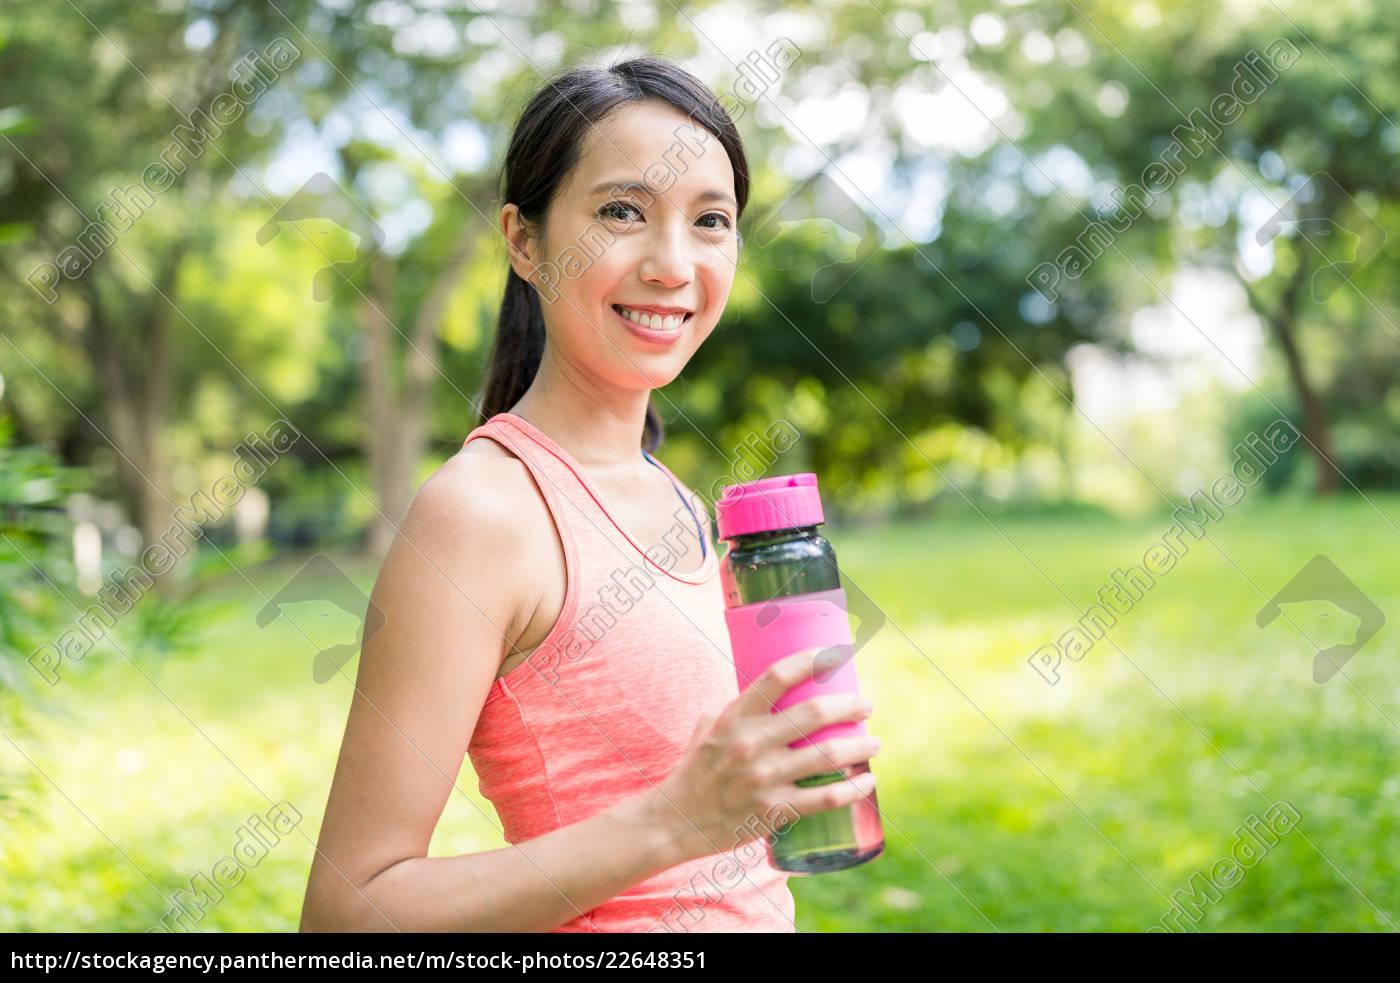 sport, woman, drinking, water, in, park - 22648351